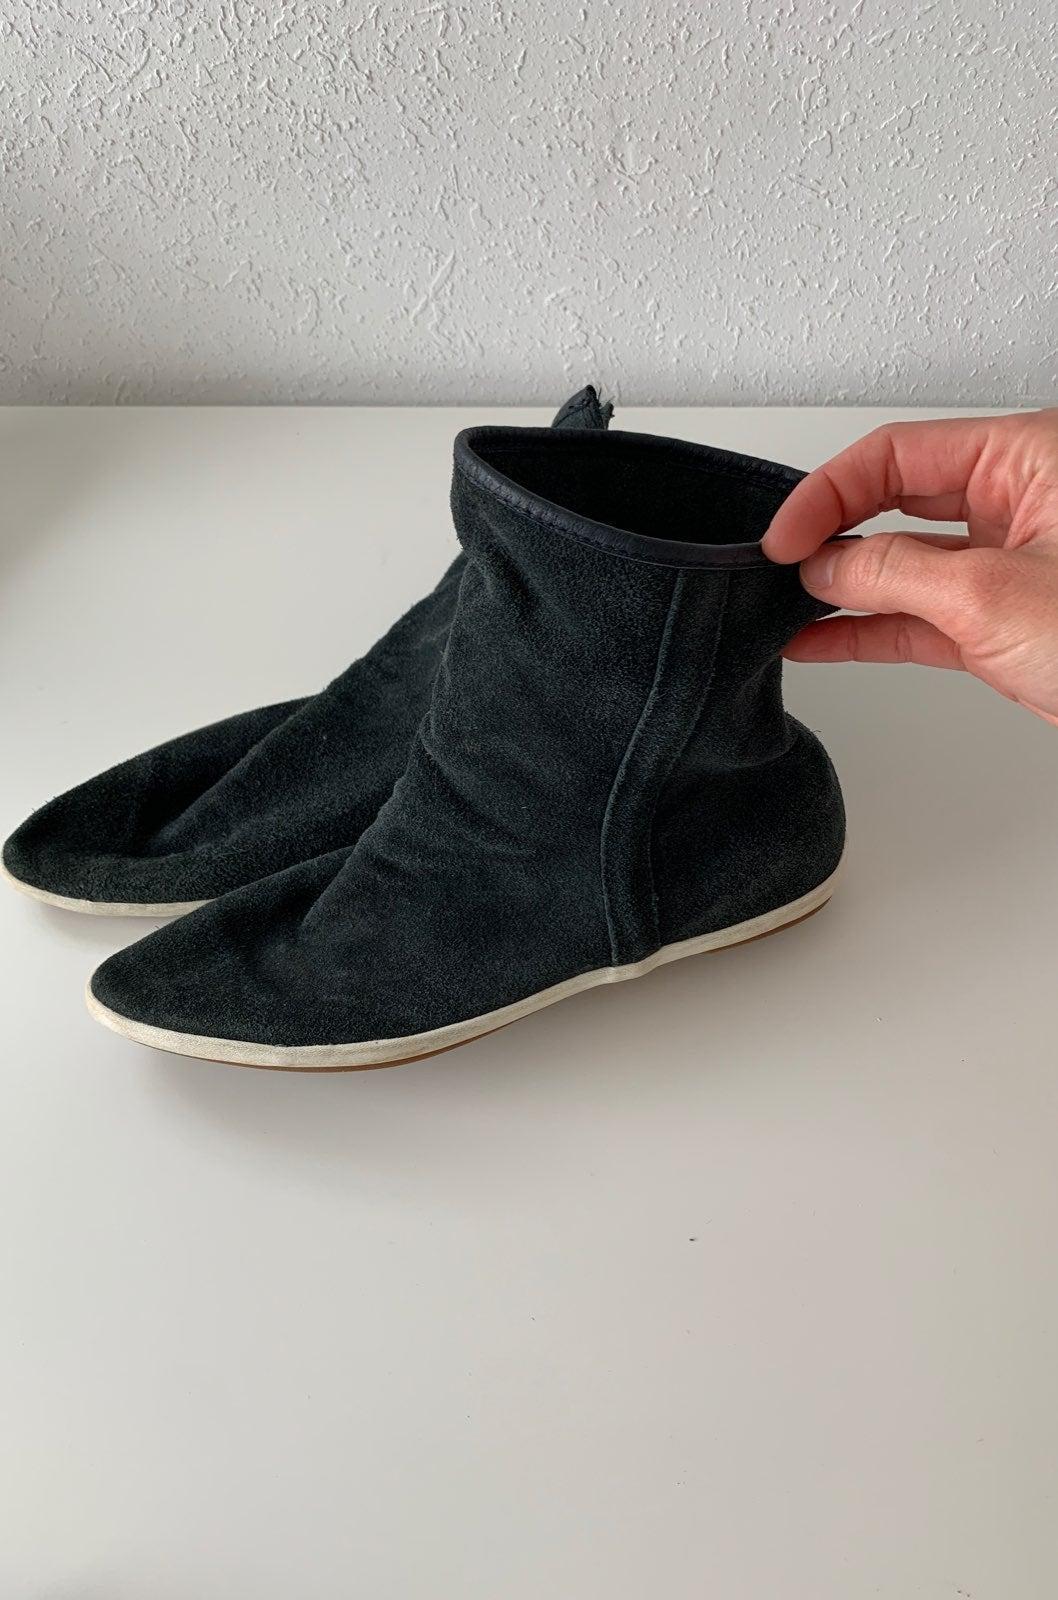 Sanuk booties size 6